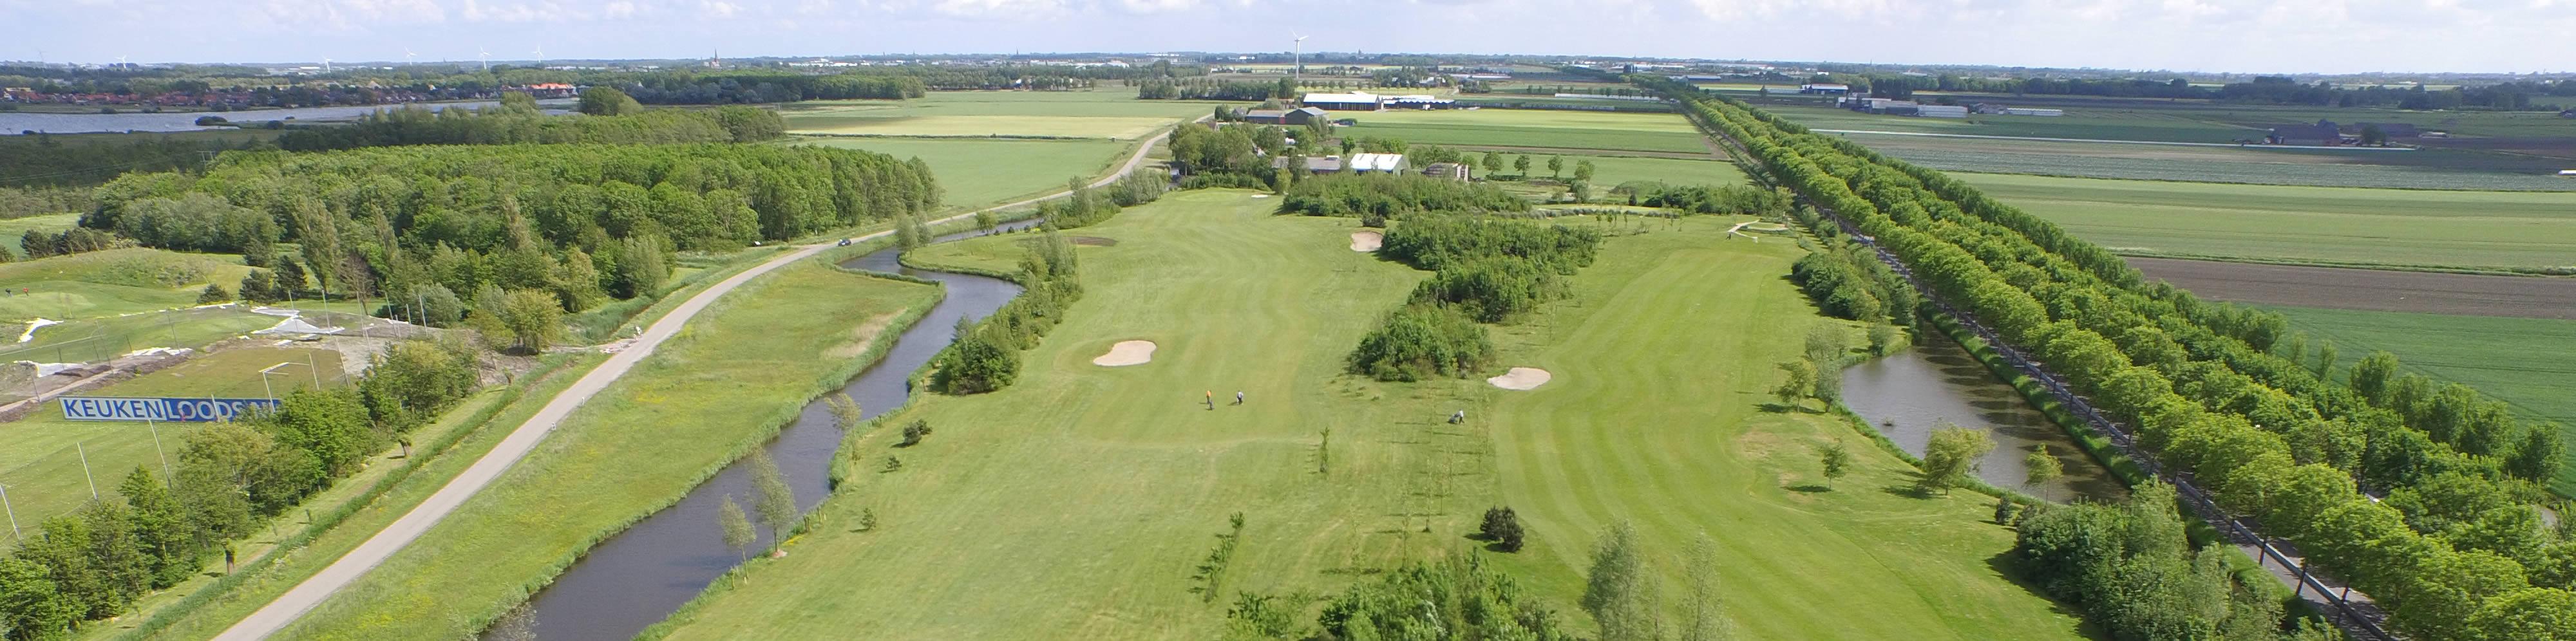 Golfbaan de Vlietlanden